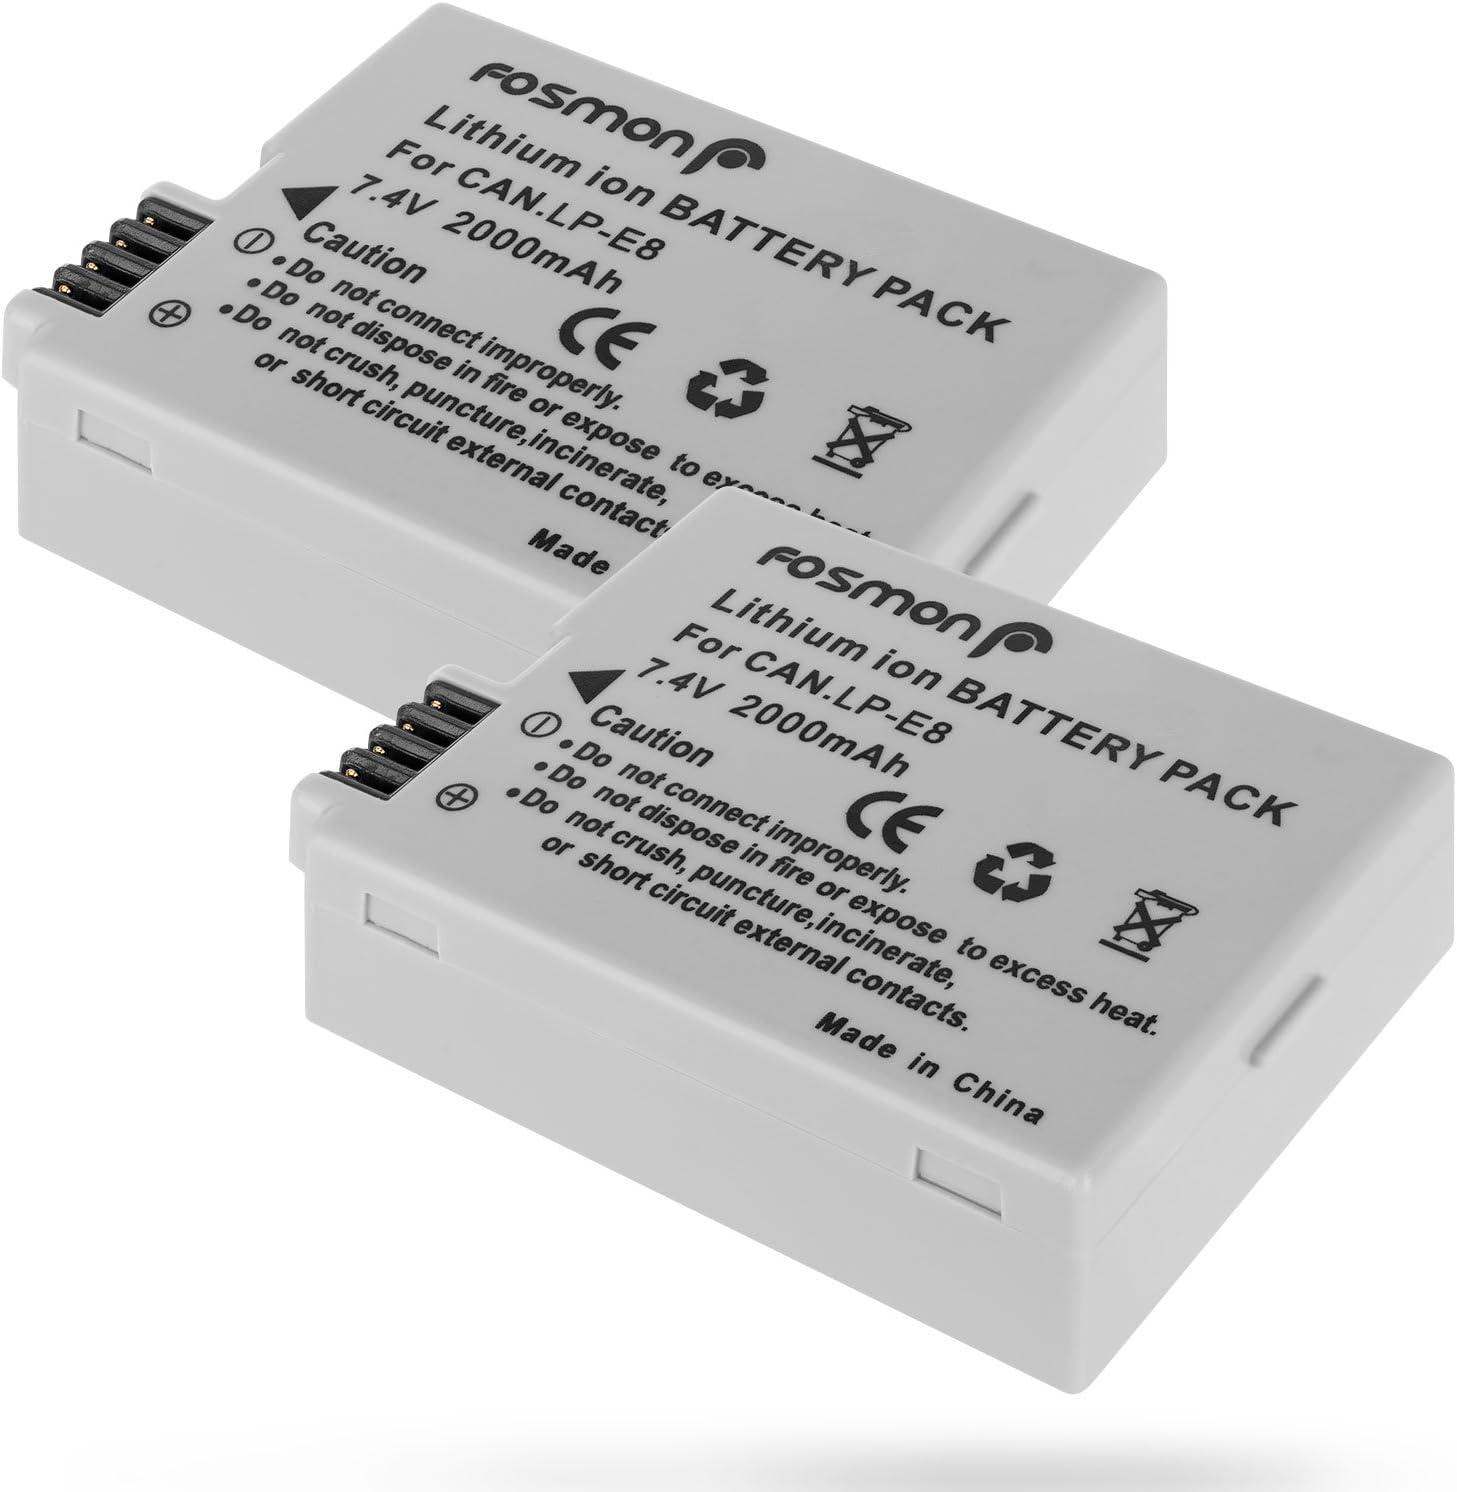 Fosmon 2X Batería Canon LP-E8 2000mAh Reemplazon Batería Rercargable para Canon Cámara LP E8 Rebel T3i T2i T4i T5i EOS 600D 550D 650D 700D Kiss X5 X4 Kiss X6 LC-E8E: Amazon.es: Electrónica